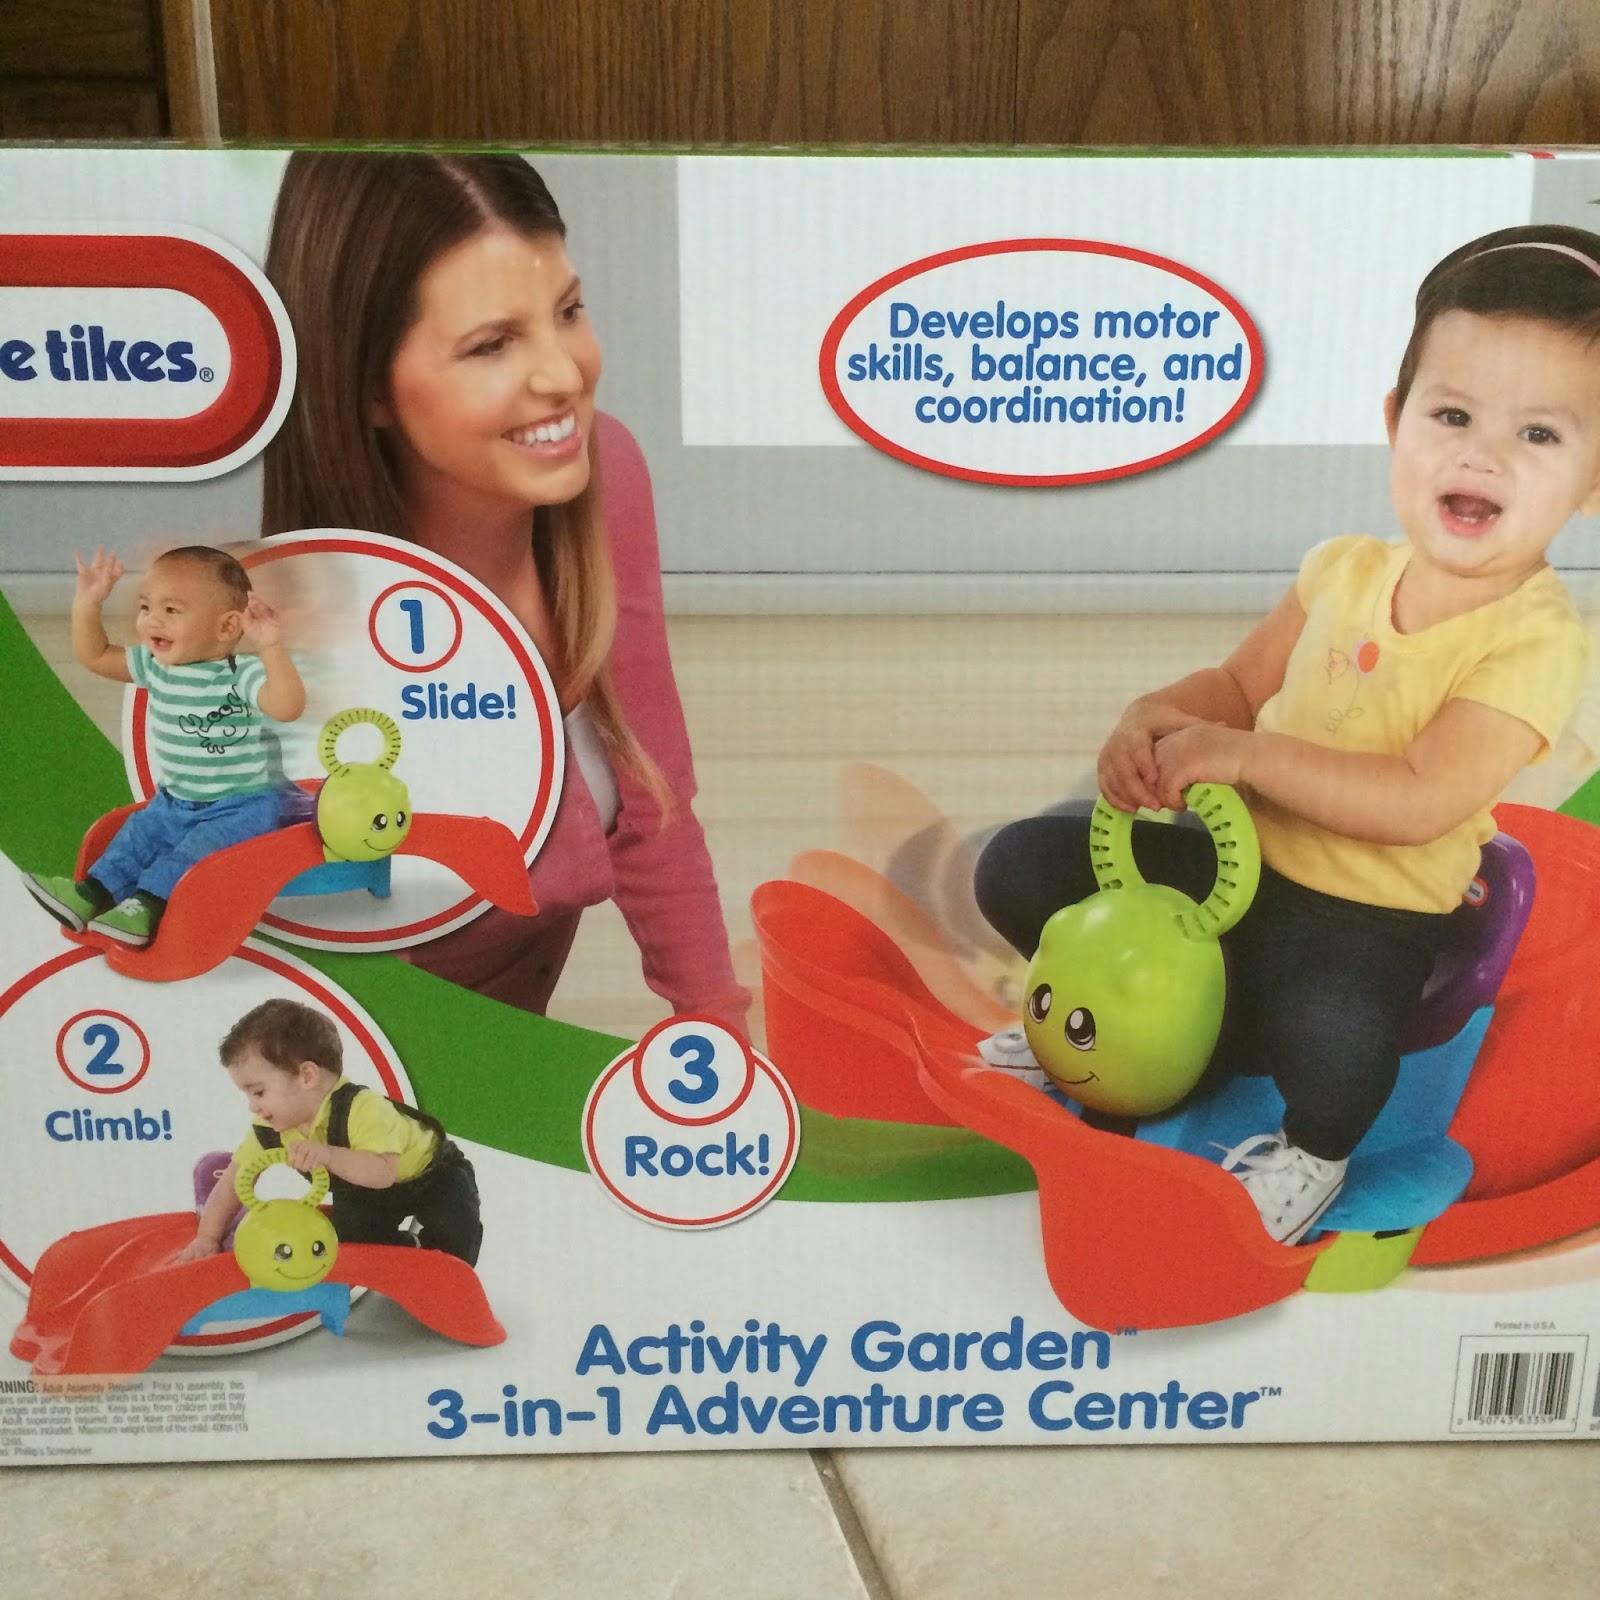 little tikes activity garden 3 in 1 adventure center toy